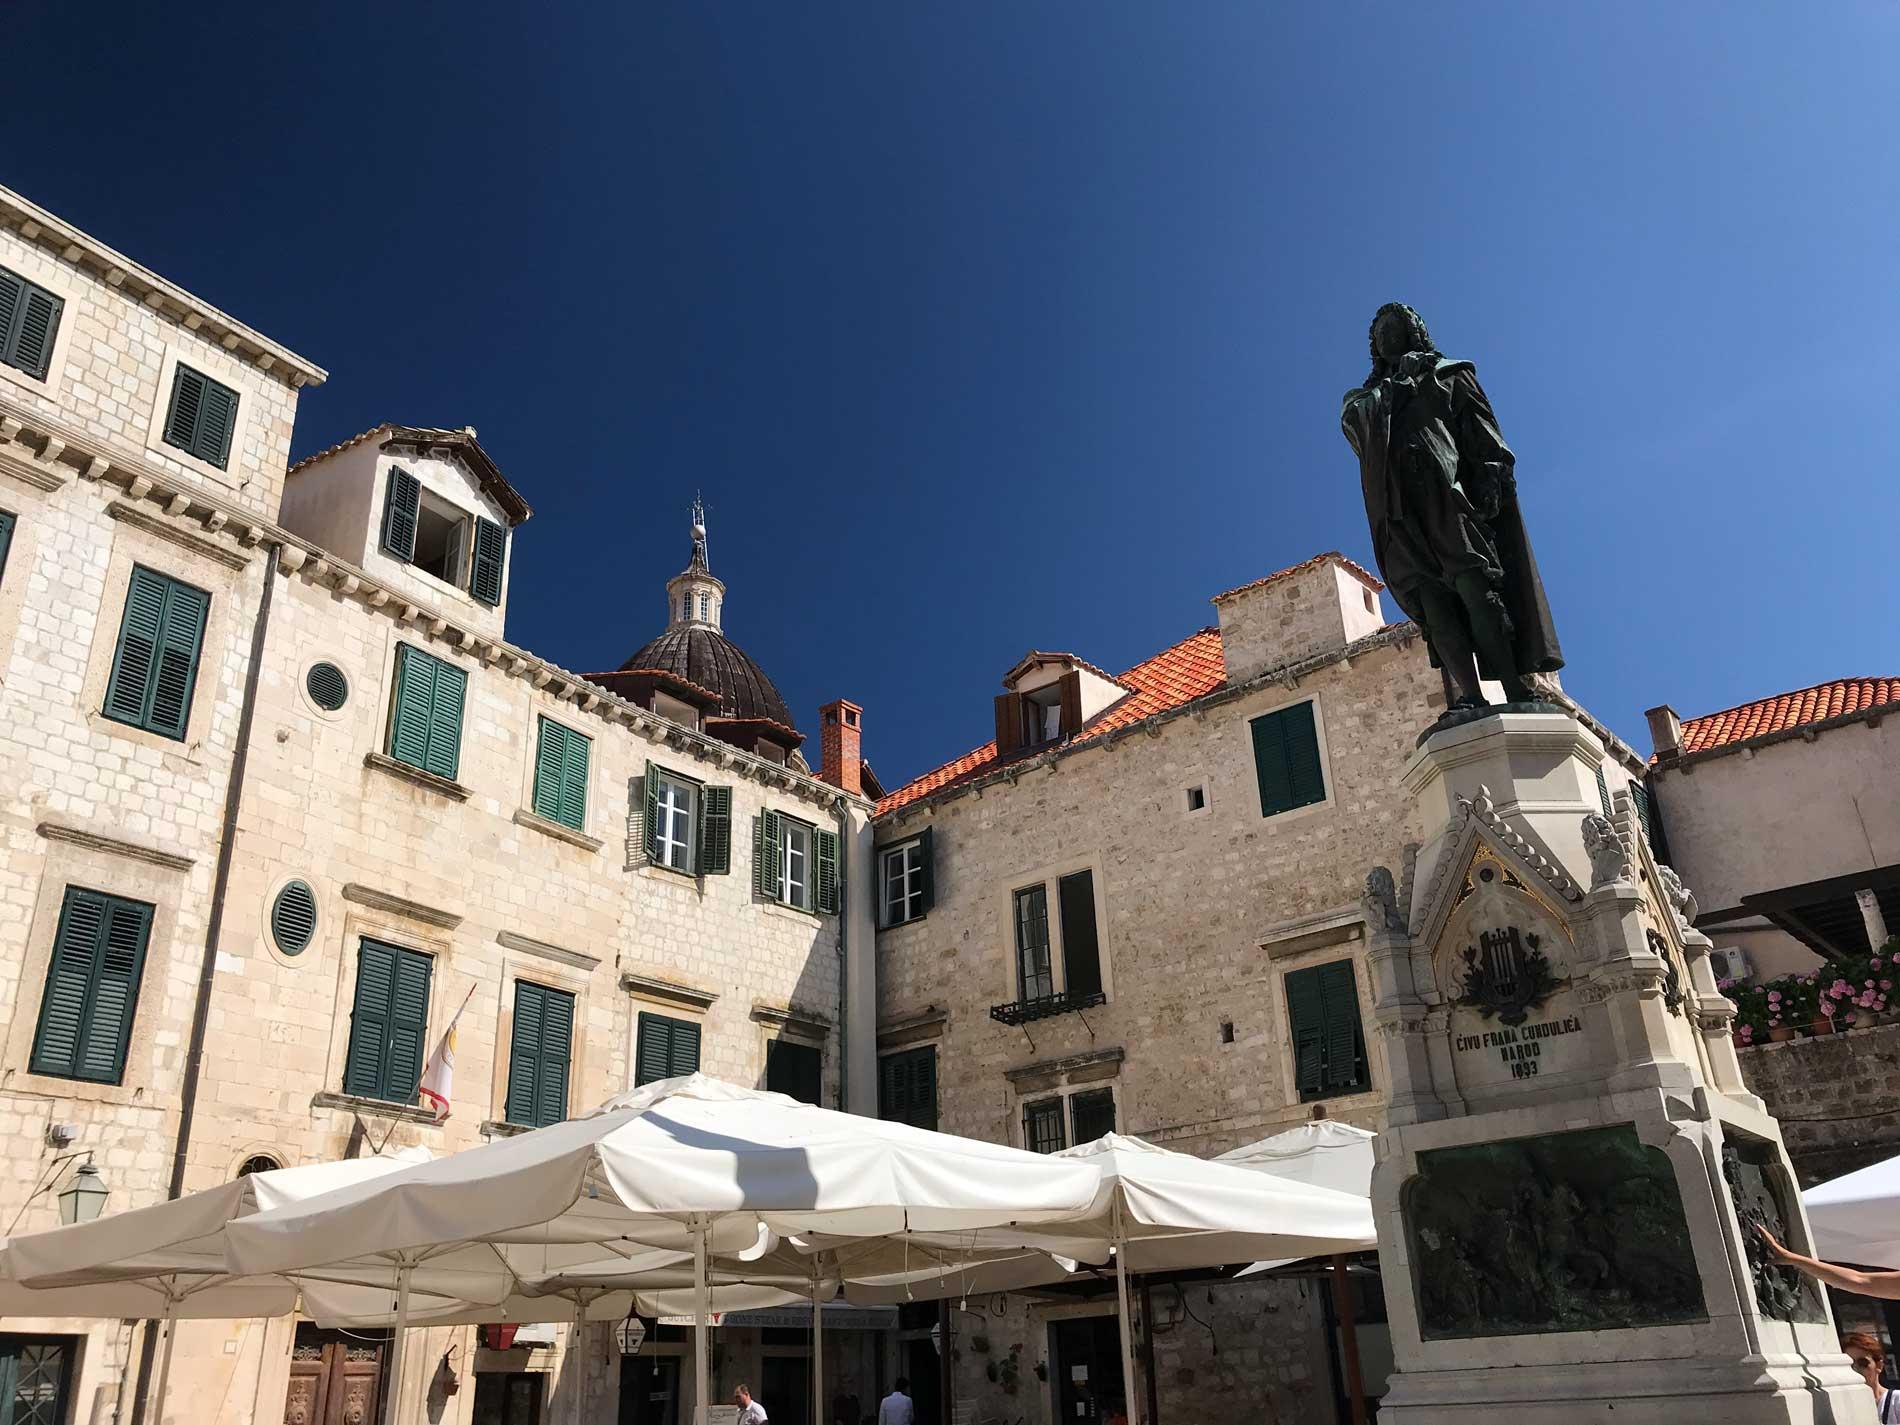 Piazza-Gundulicev-Dubrovnik-Citta-Vecchia-statua-case